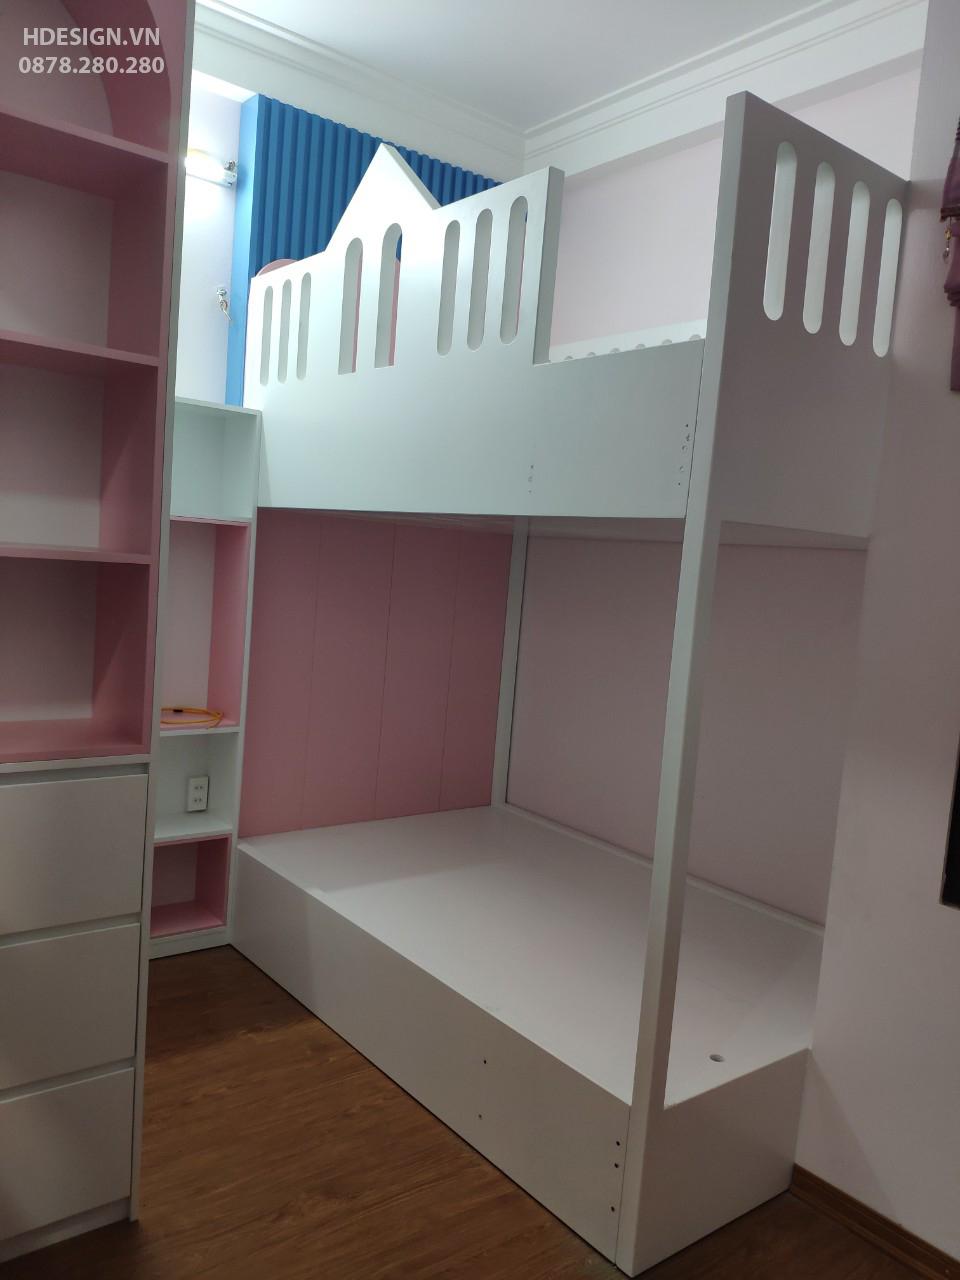 You are currently viewing Sản xuất lắp đặt nội thất phòng ngủ bé gái tại Hà Đông